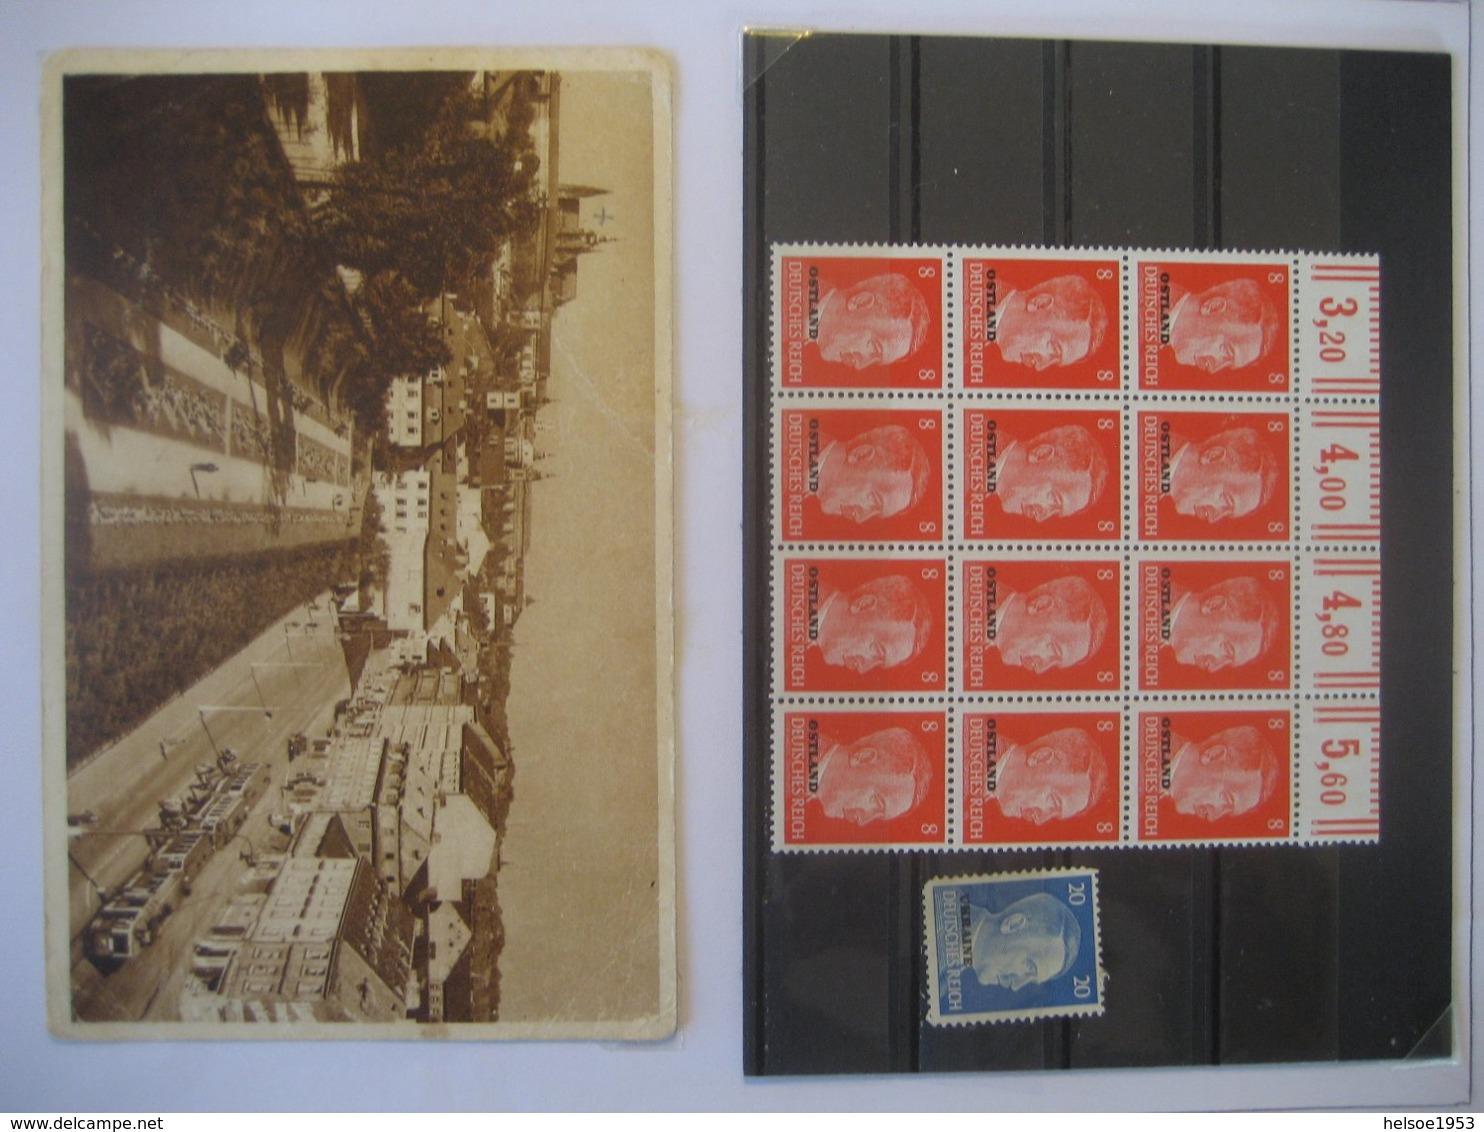 Deutschland/ Deutsches Reich- 12 Er Block Hitler 8 Pf. Mit Oberen Rand Und Zählnummer Aufdruck Ostland, Karte Prag 1945 - Used Stamps